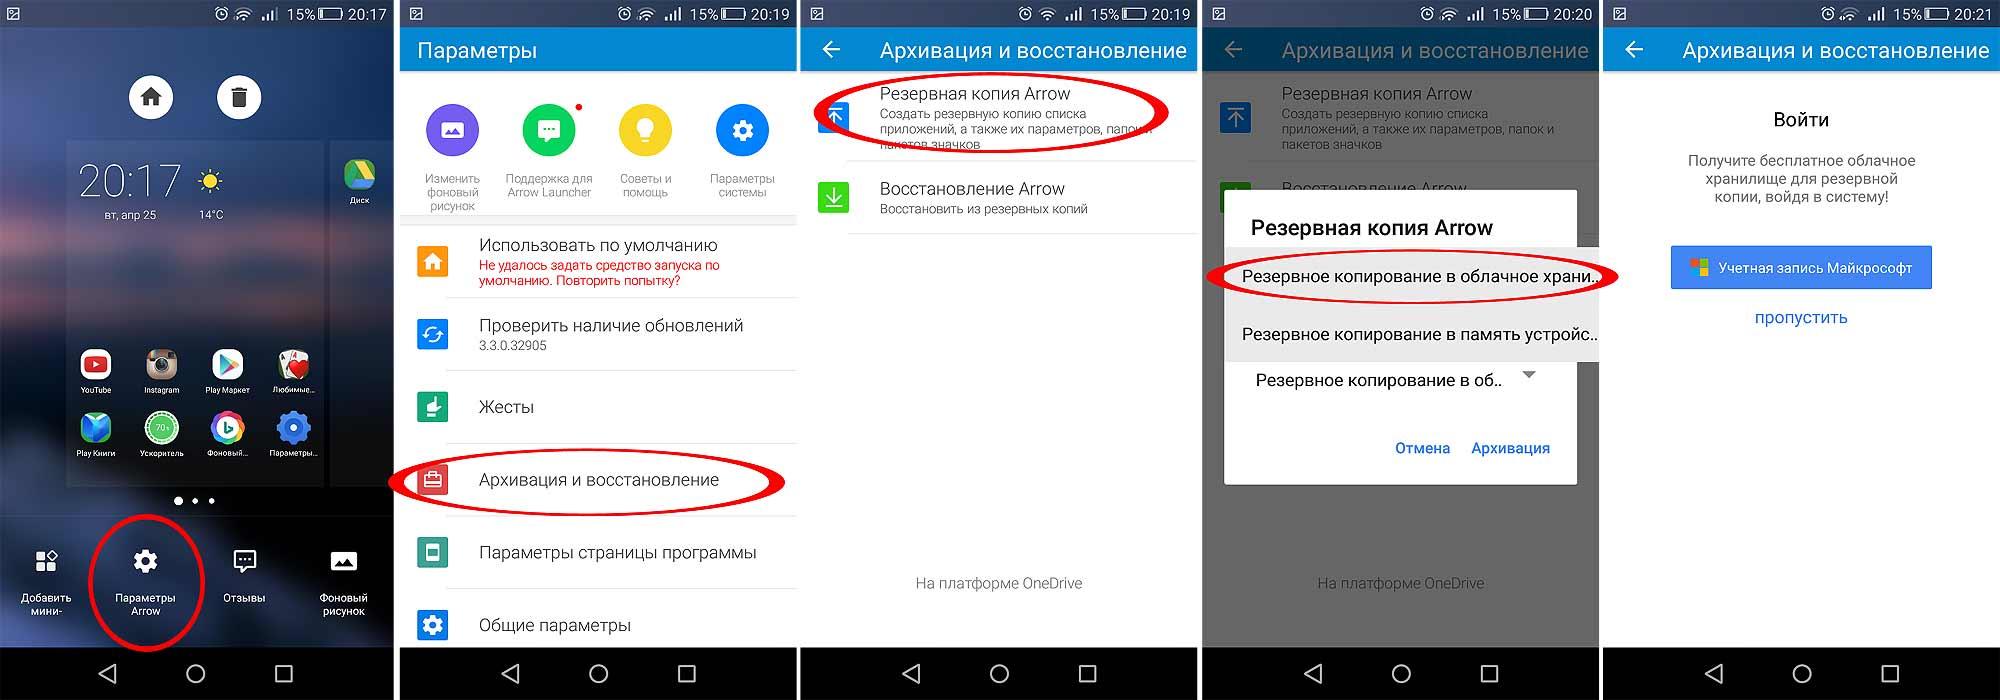 Забэкапить Android-лаунчер: как и зачем это делается - #ArrowLauncher